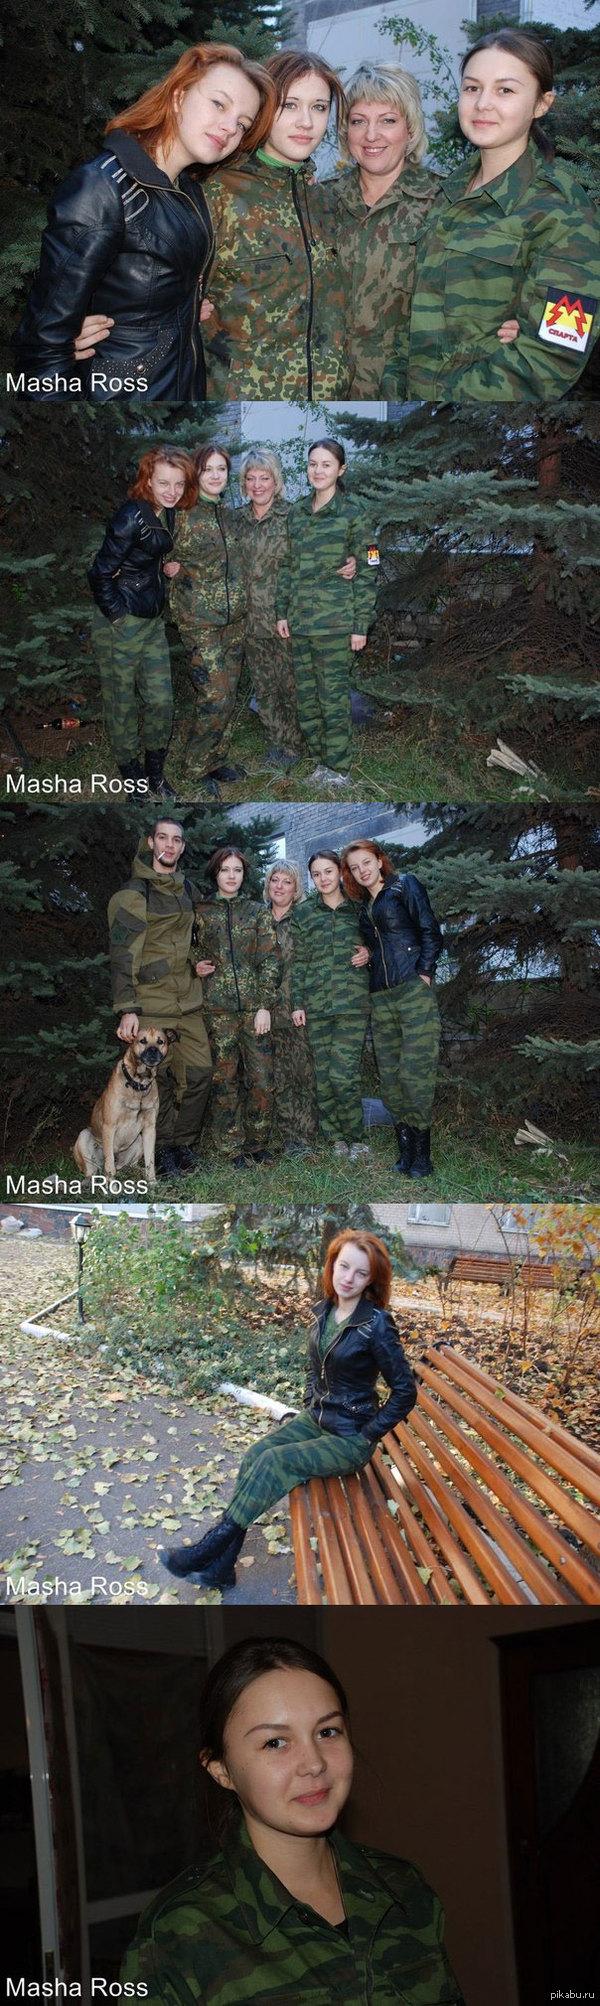 """Фото от Дубового. А это замечательные девушки-ополченки из подразделения Моторолы.  Вот такие &quot;террористы&quot; В дополнение к <a href=""""http://pikabu.ru/story/ryizhik_iz_podrazdeleniya_motorolyi_vot_takie_krasavitsyi_v_opolchenii_2777965"""">http://pikabu.ru/story/_2777965</a>"""